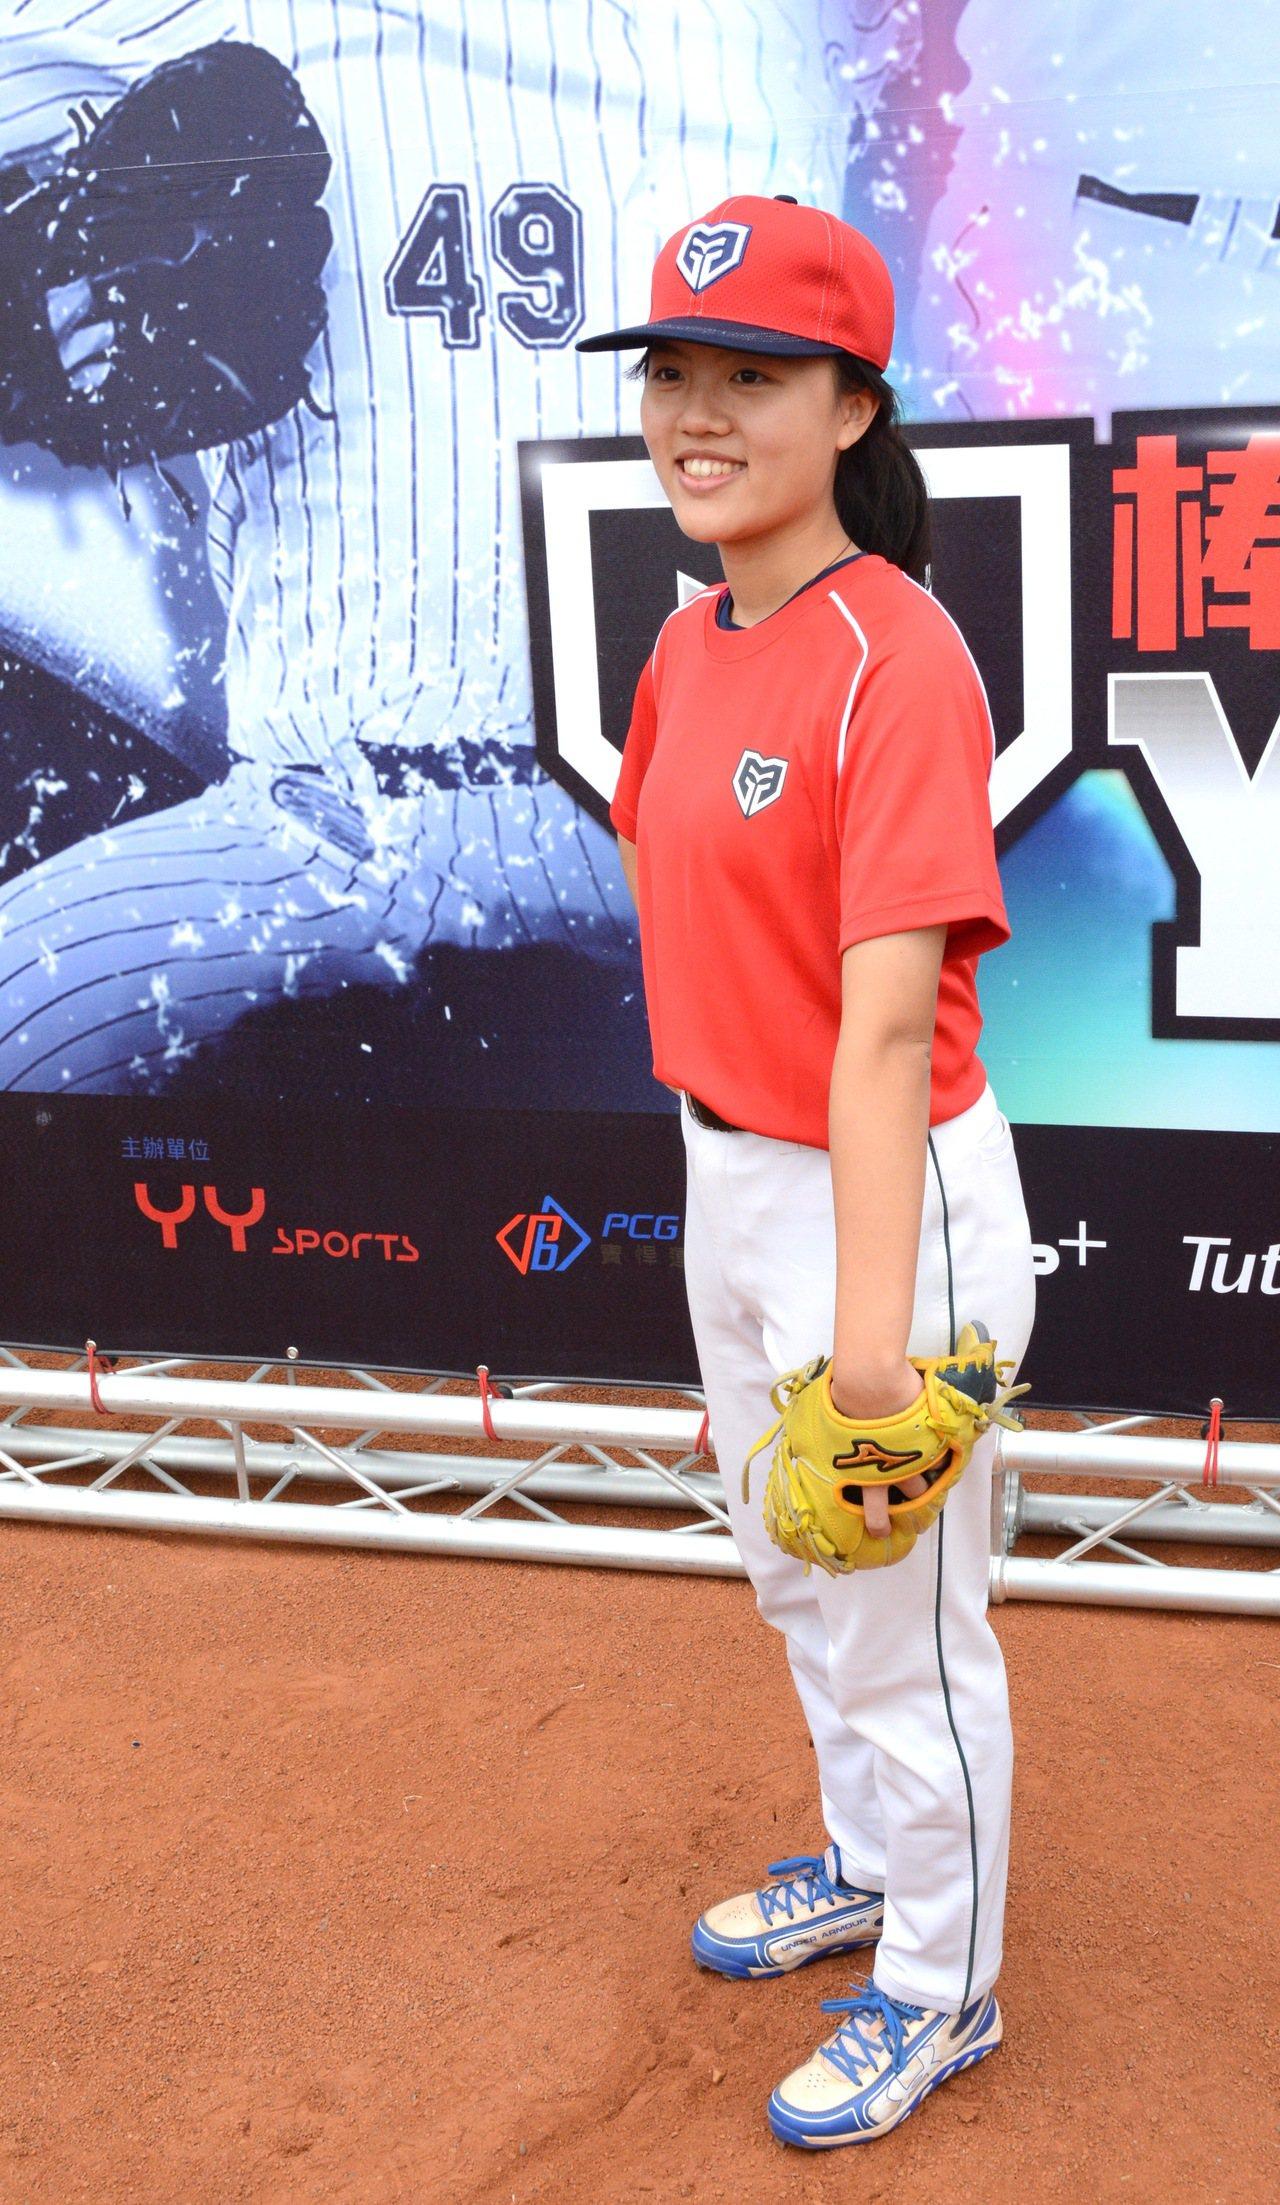 復興實中的林庭瑋去年在黑豹旗飆出12K,是「YY Baseball Camp」訓...